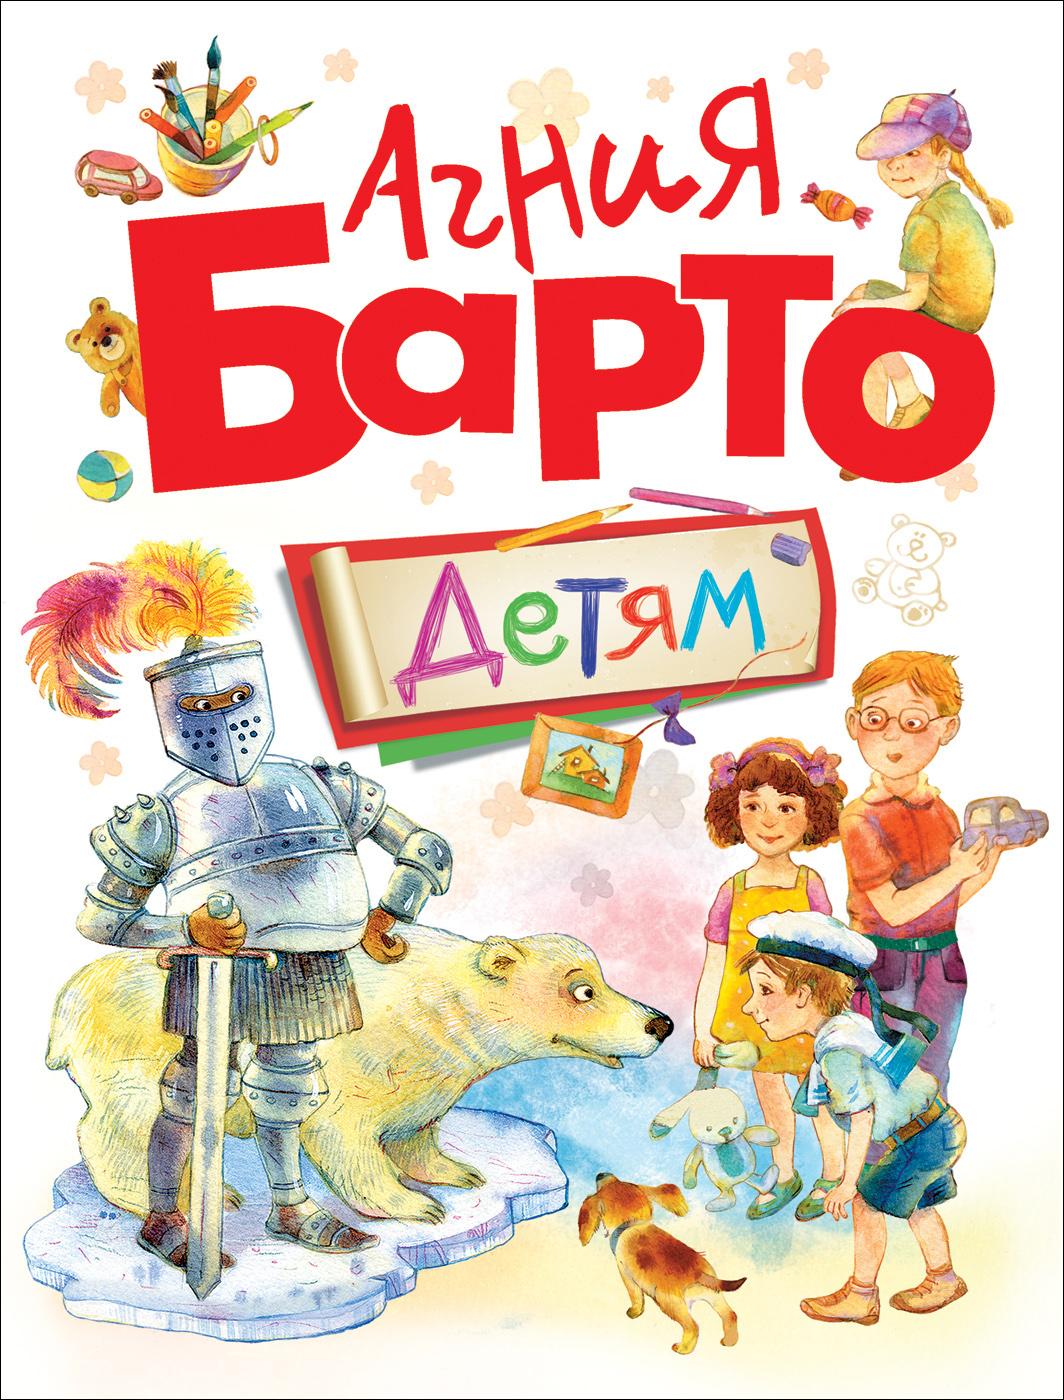 Книга - Агния Барто - ДетямКлассная классика<br>Книга - Агния Барто - Детям<br>